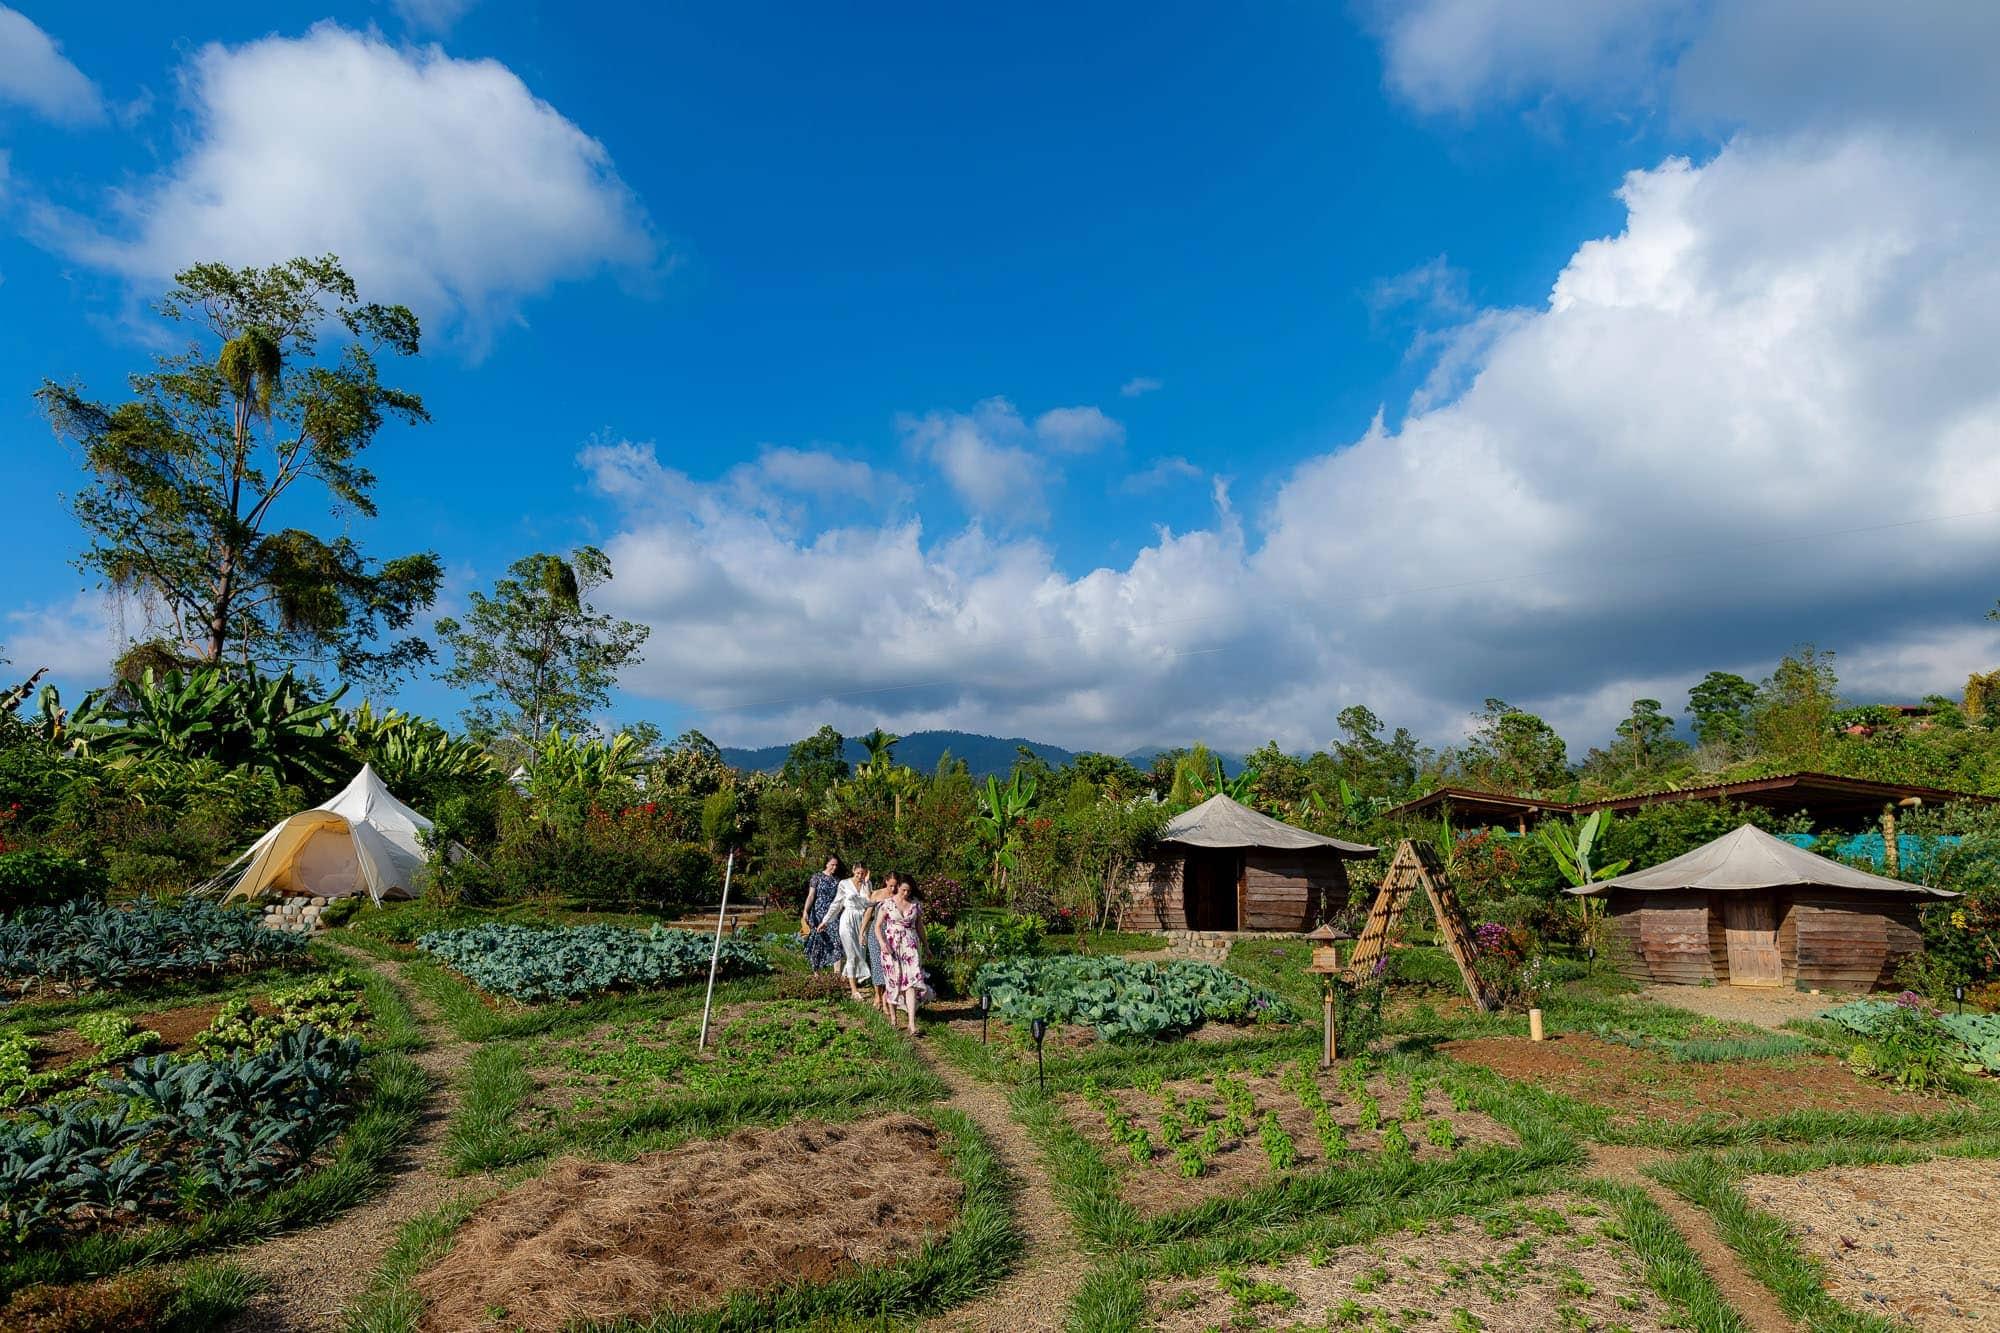 Exploring the grounds at Kinkara